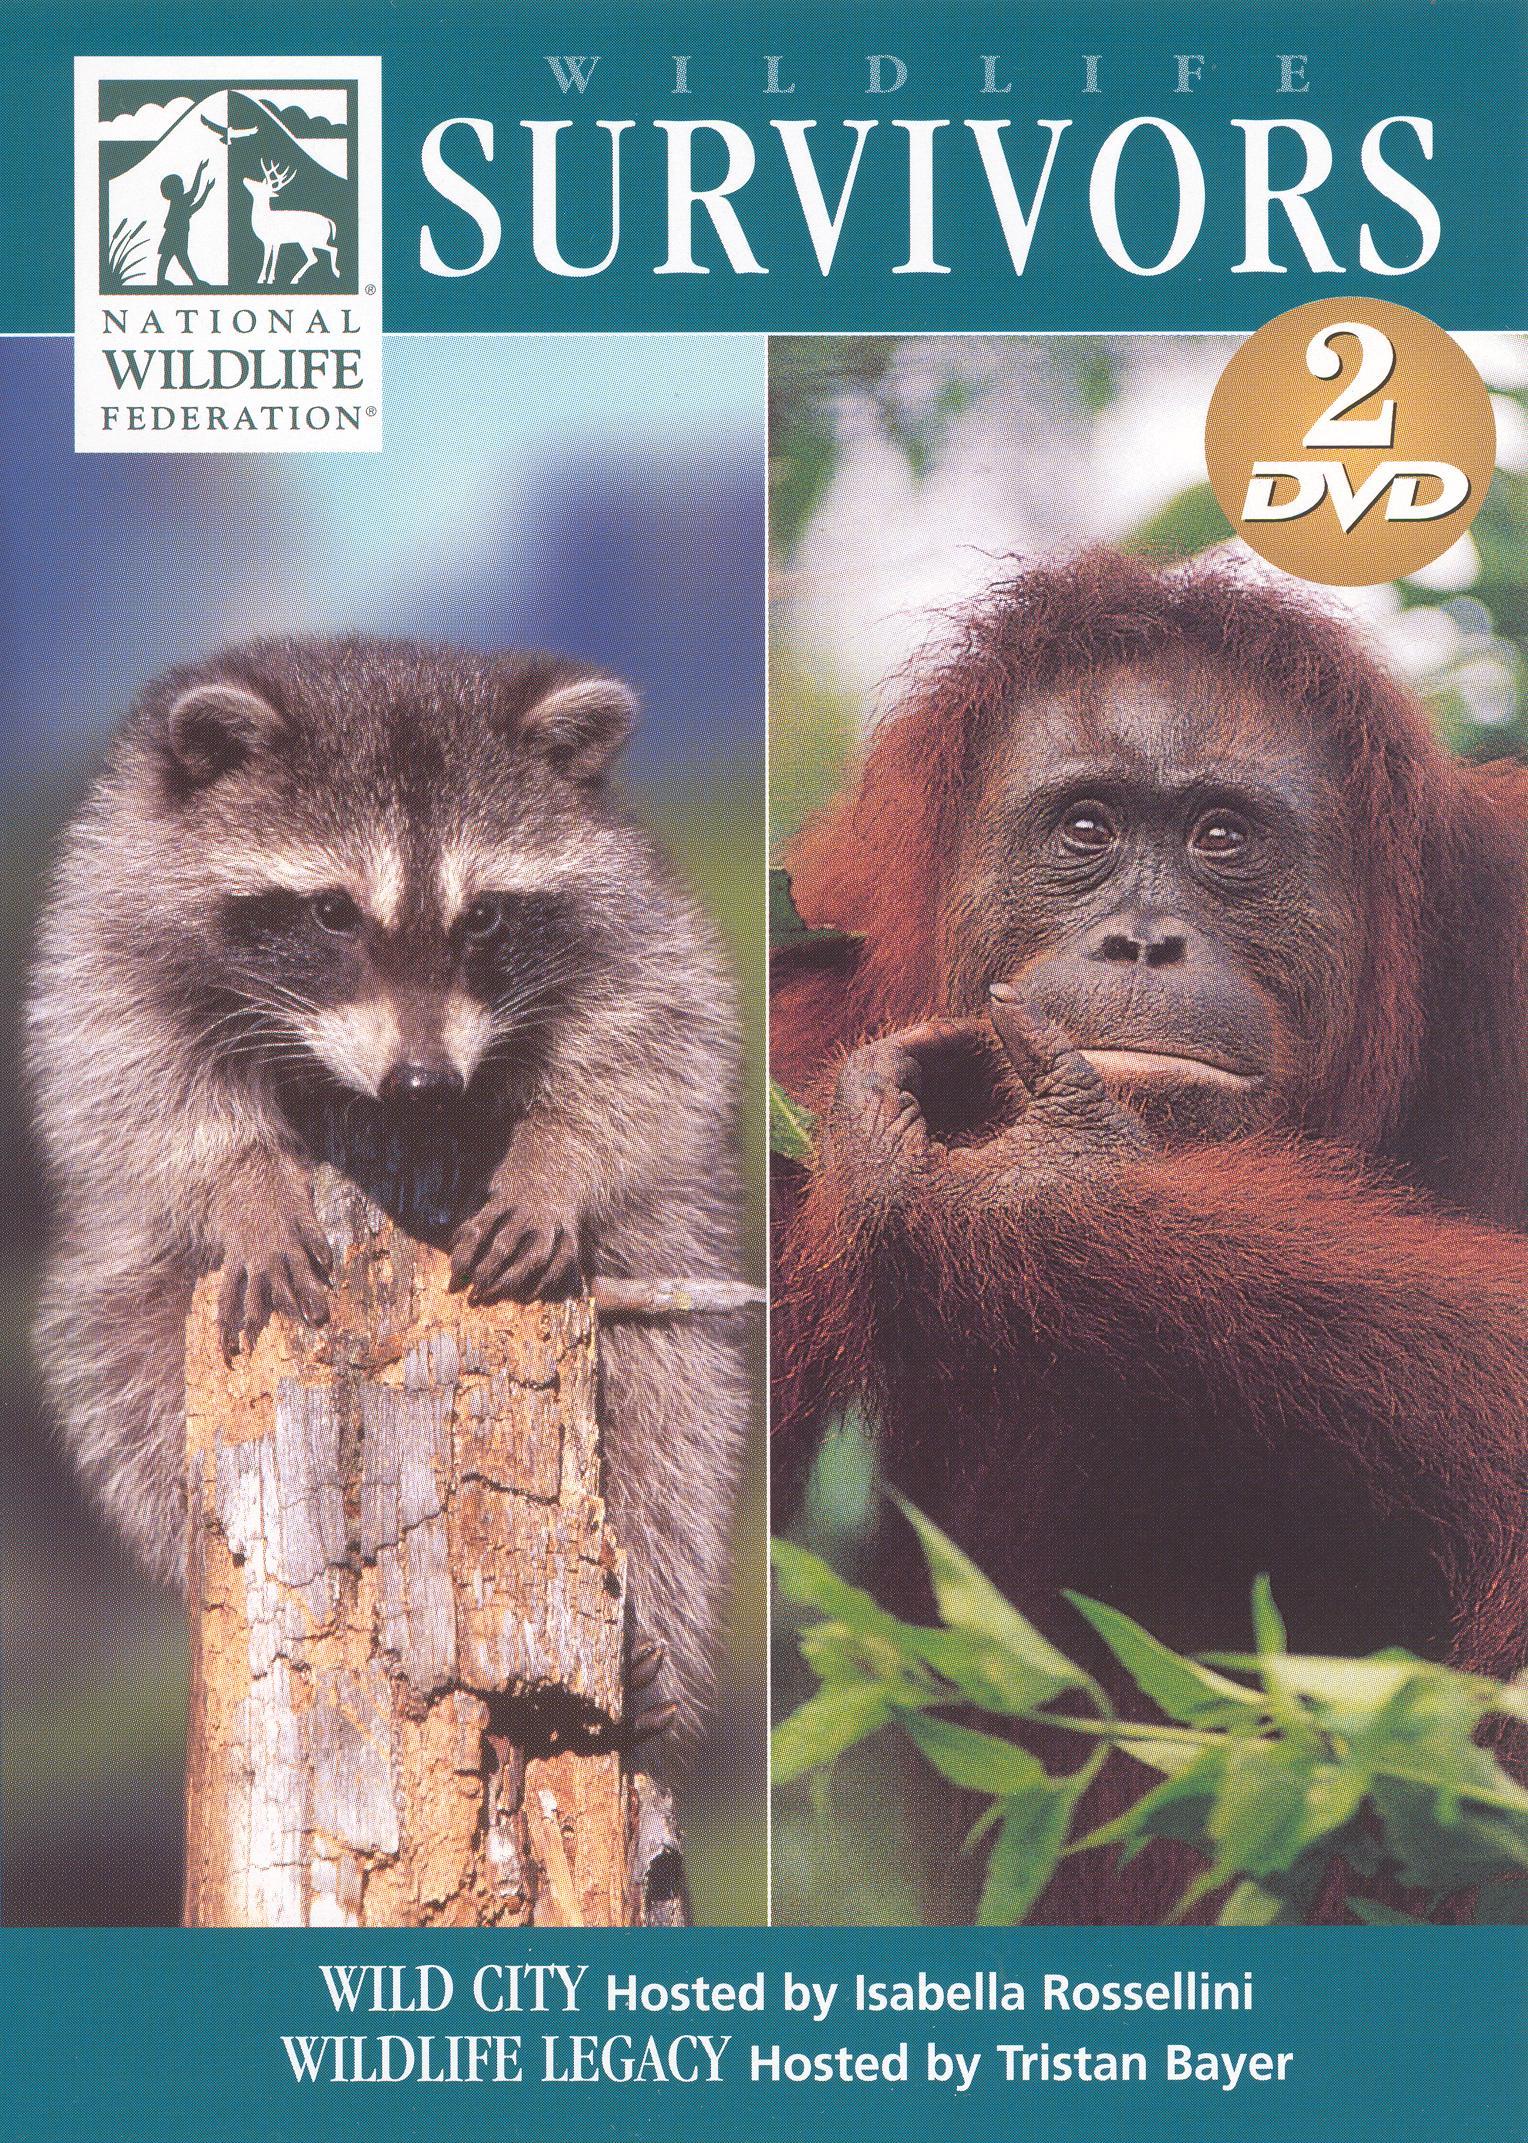 Wildlife Survivors: Wild City